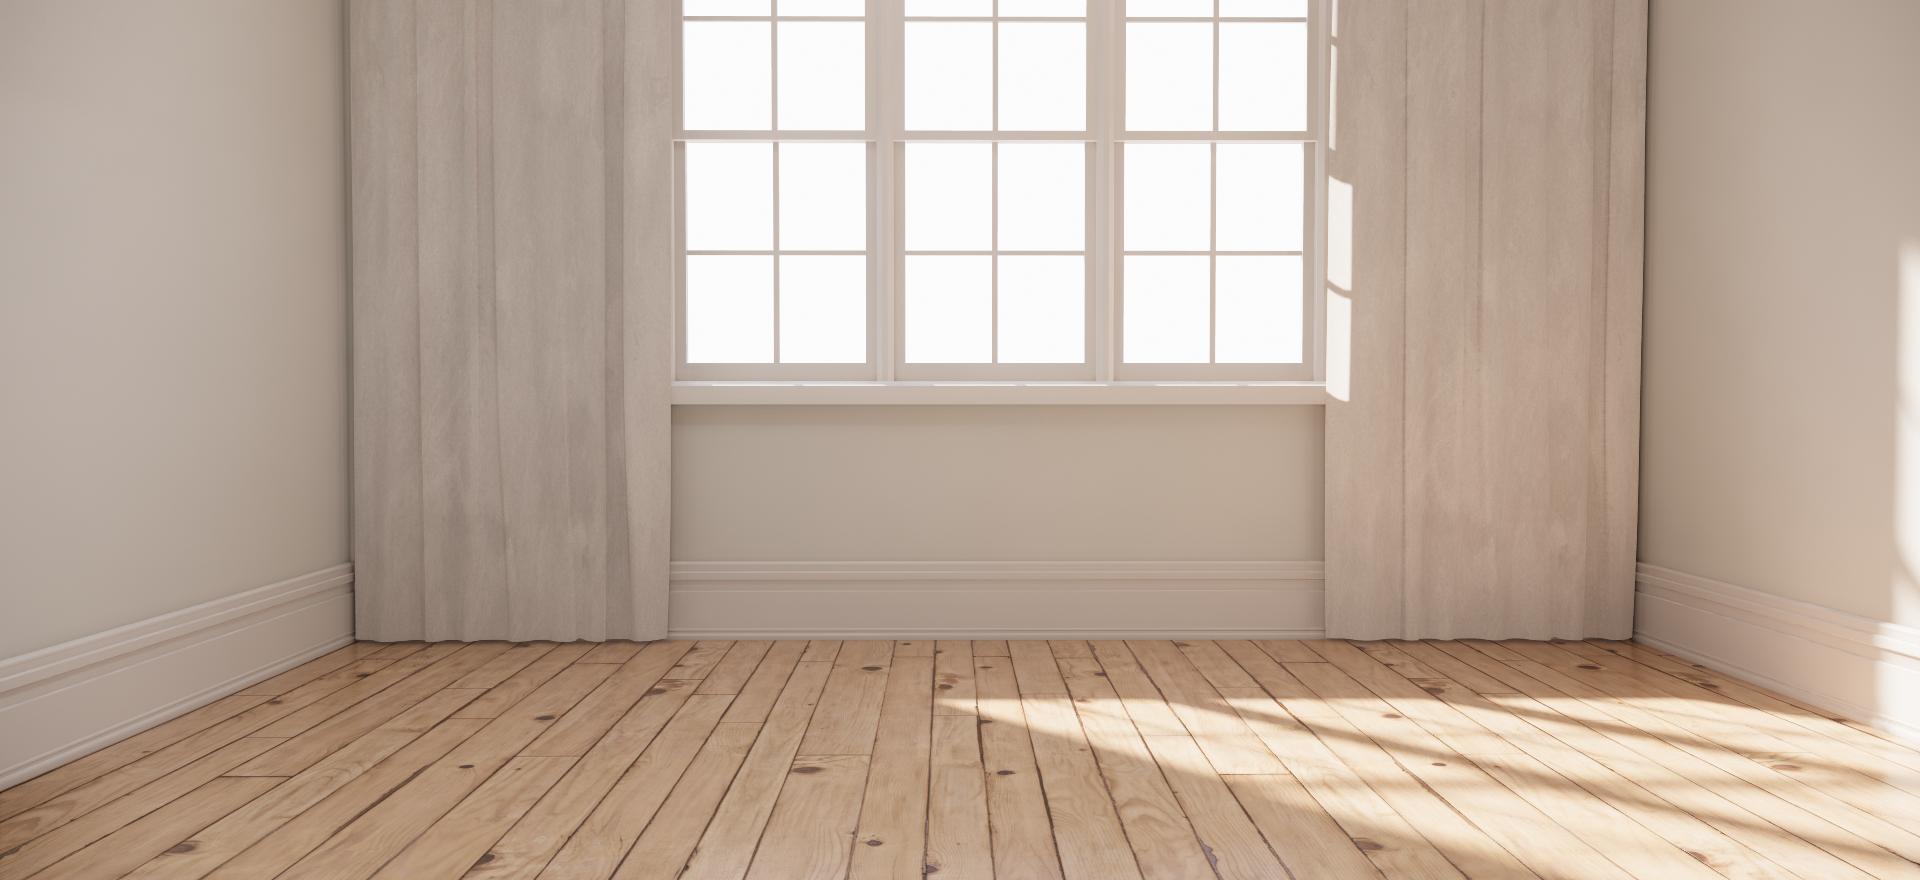 Wood Flooring 34.png